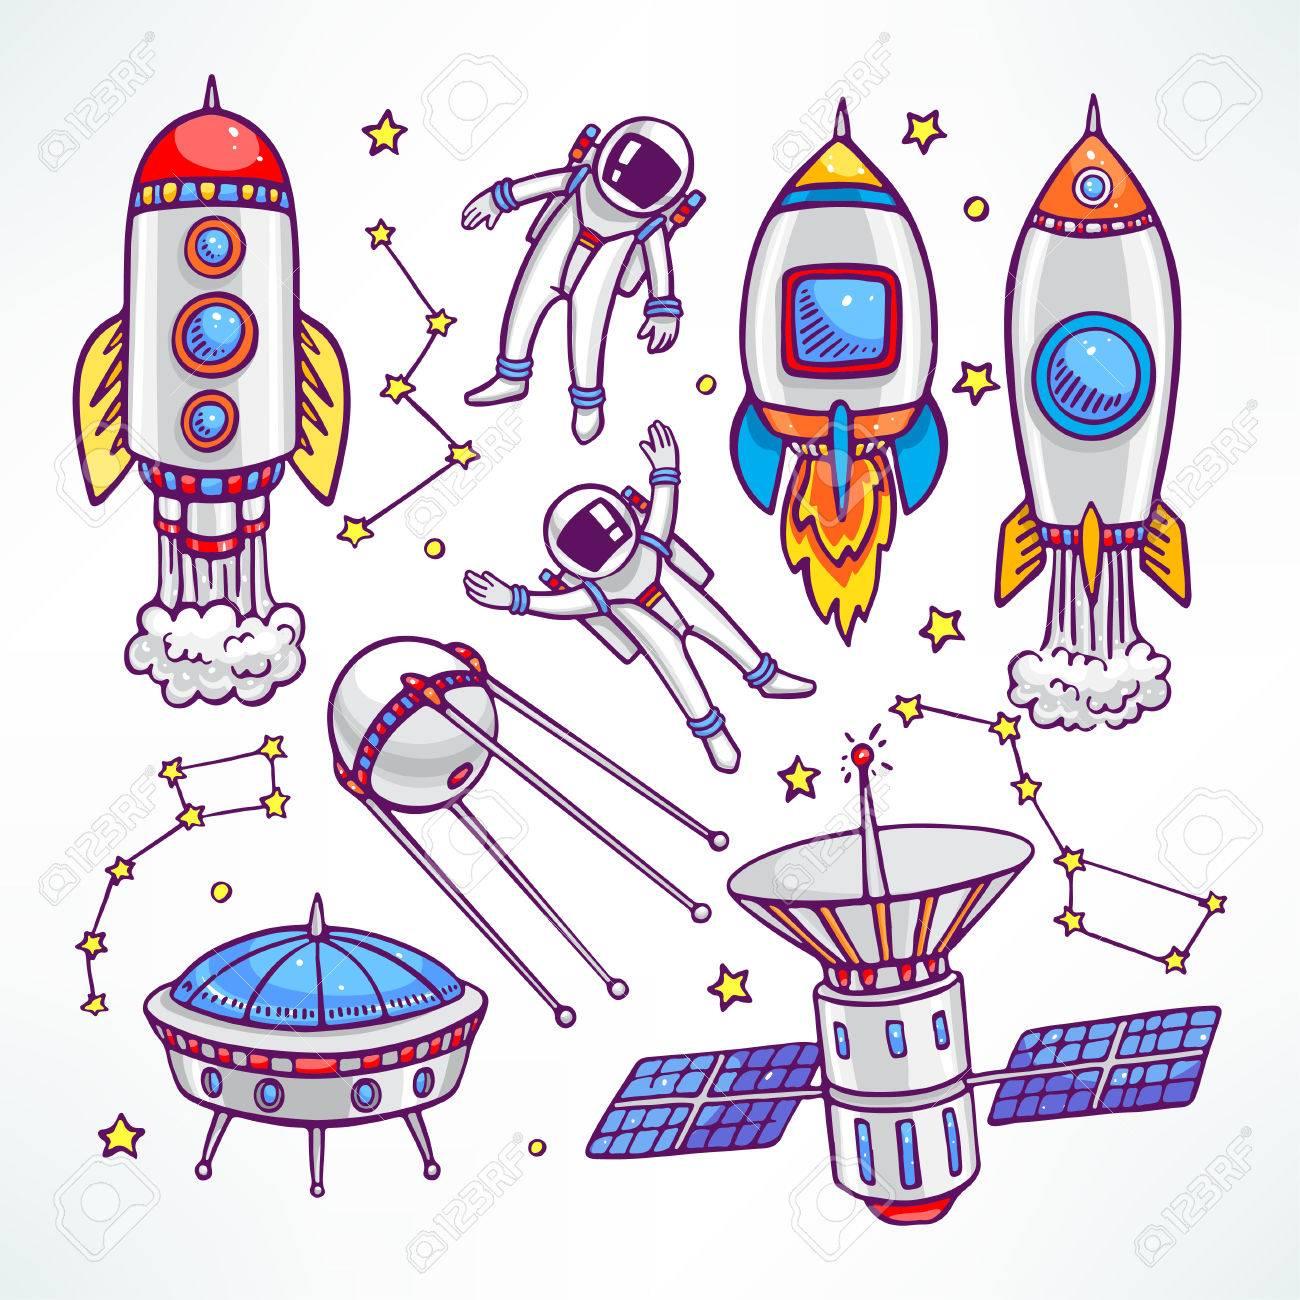 かわいいロケットと宇宙飛行士の宇宙のセット手描きイラストのイラスト